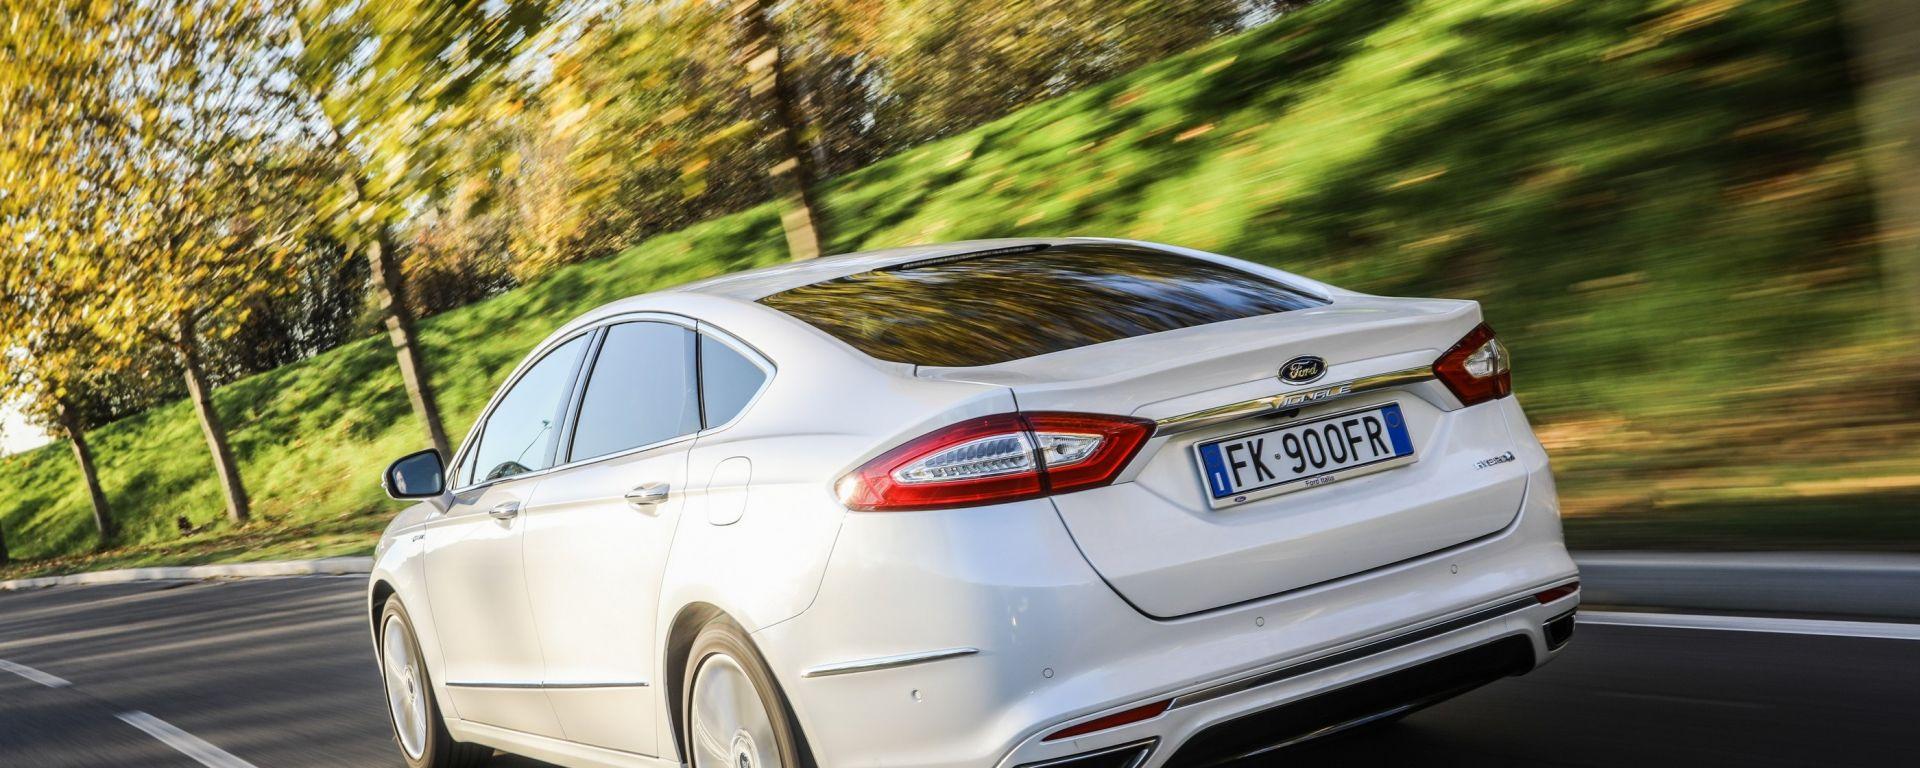 Nuova Ford Fusion/Mondeo: se ne riparla dopo il 2020